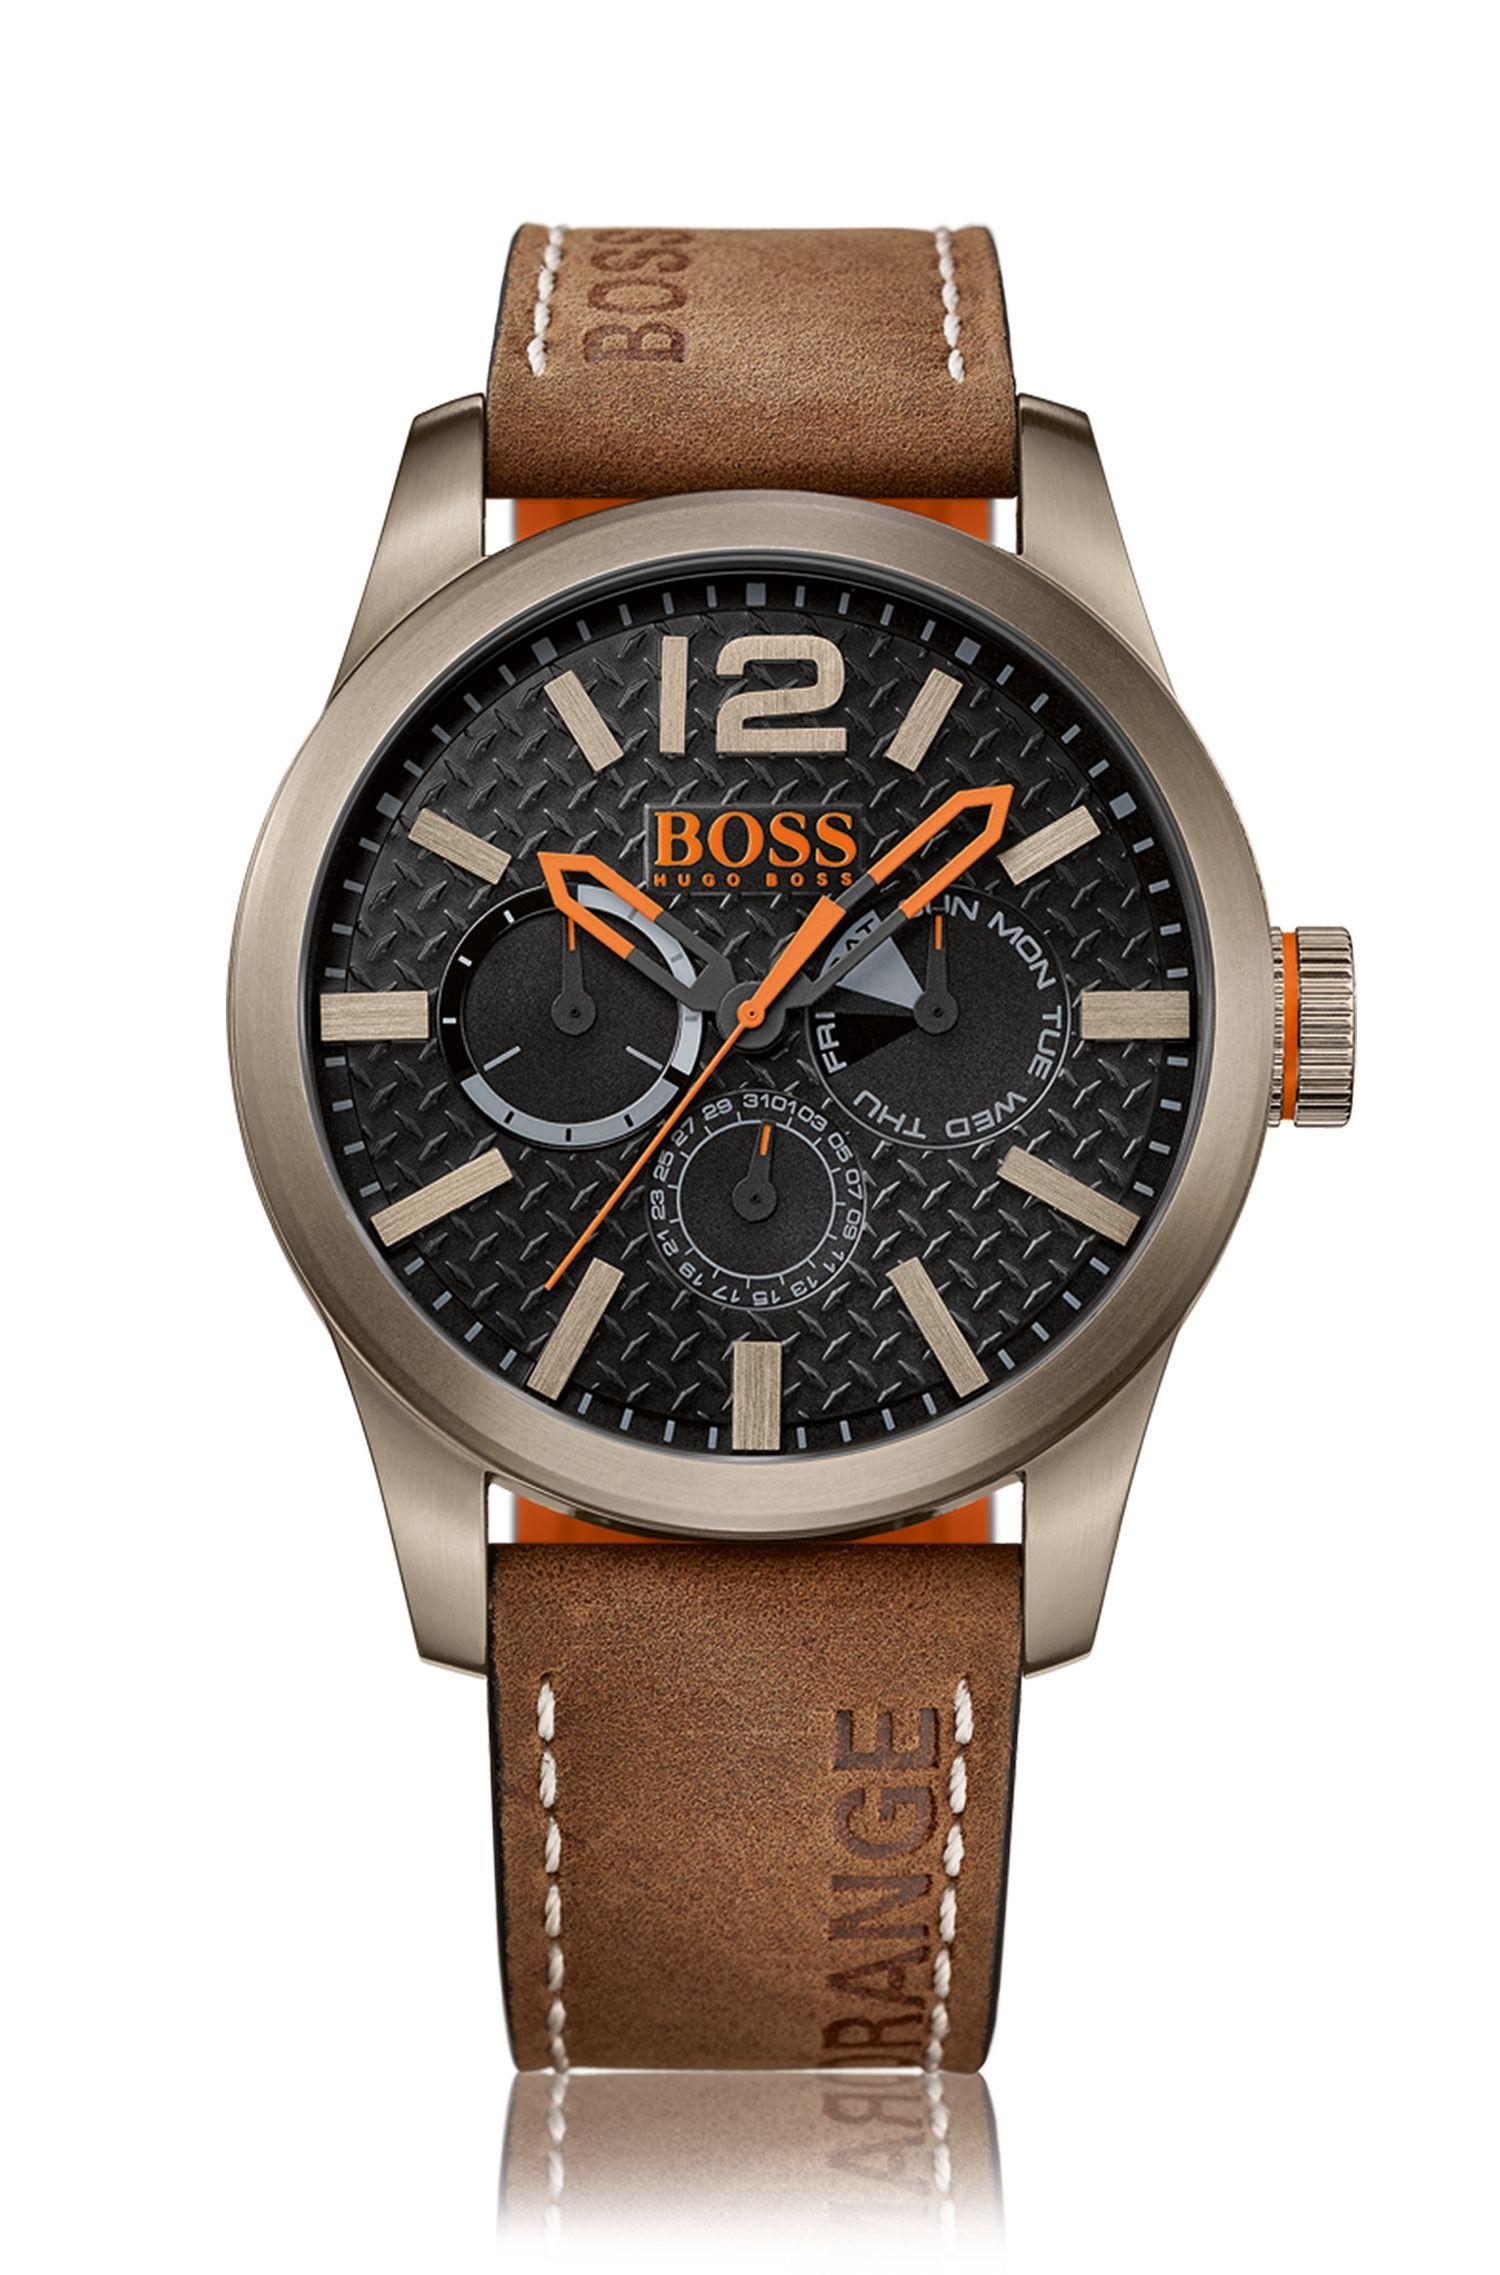 Multi-eye-horloge van roestvrij staal met kakikleurige coating, gestructureerde wijzerplaat en polsband van nubuck